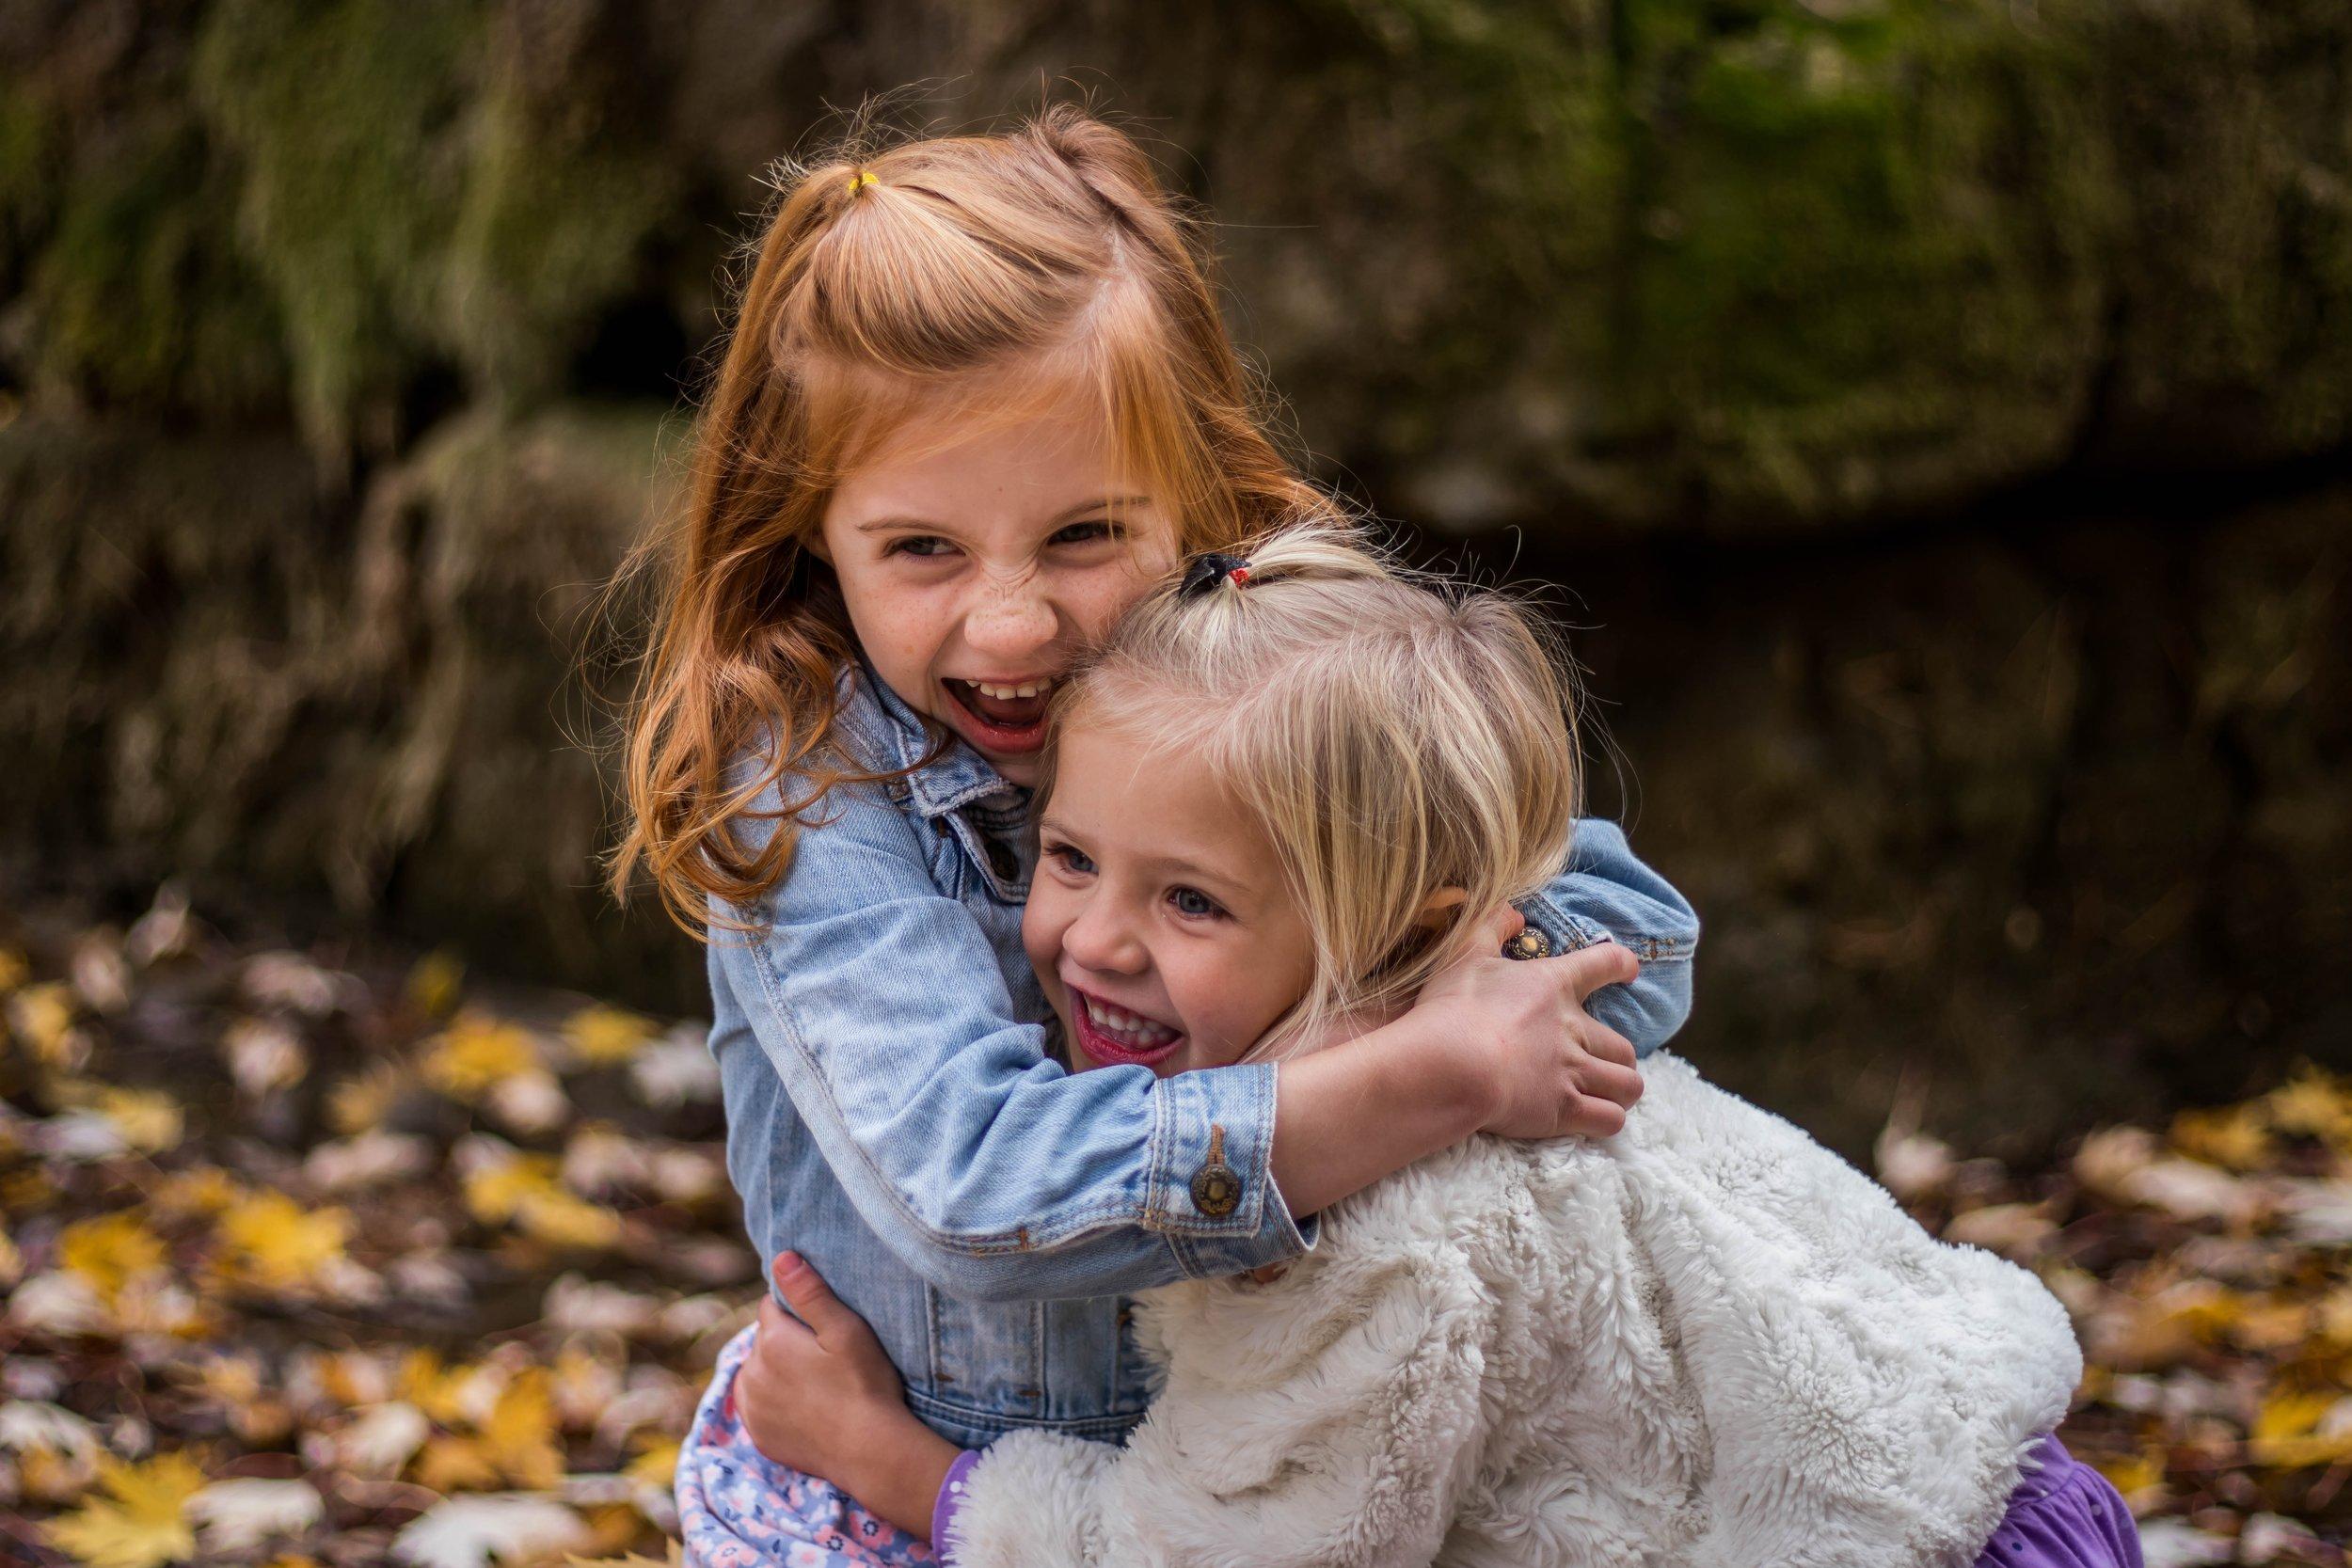 children-cute-excited-225017.jpg